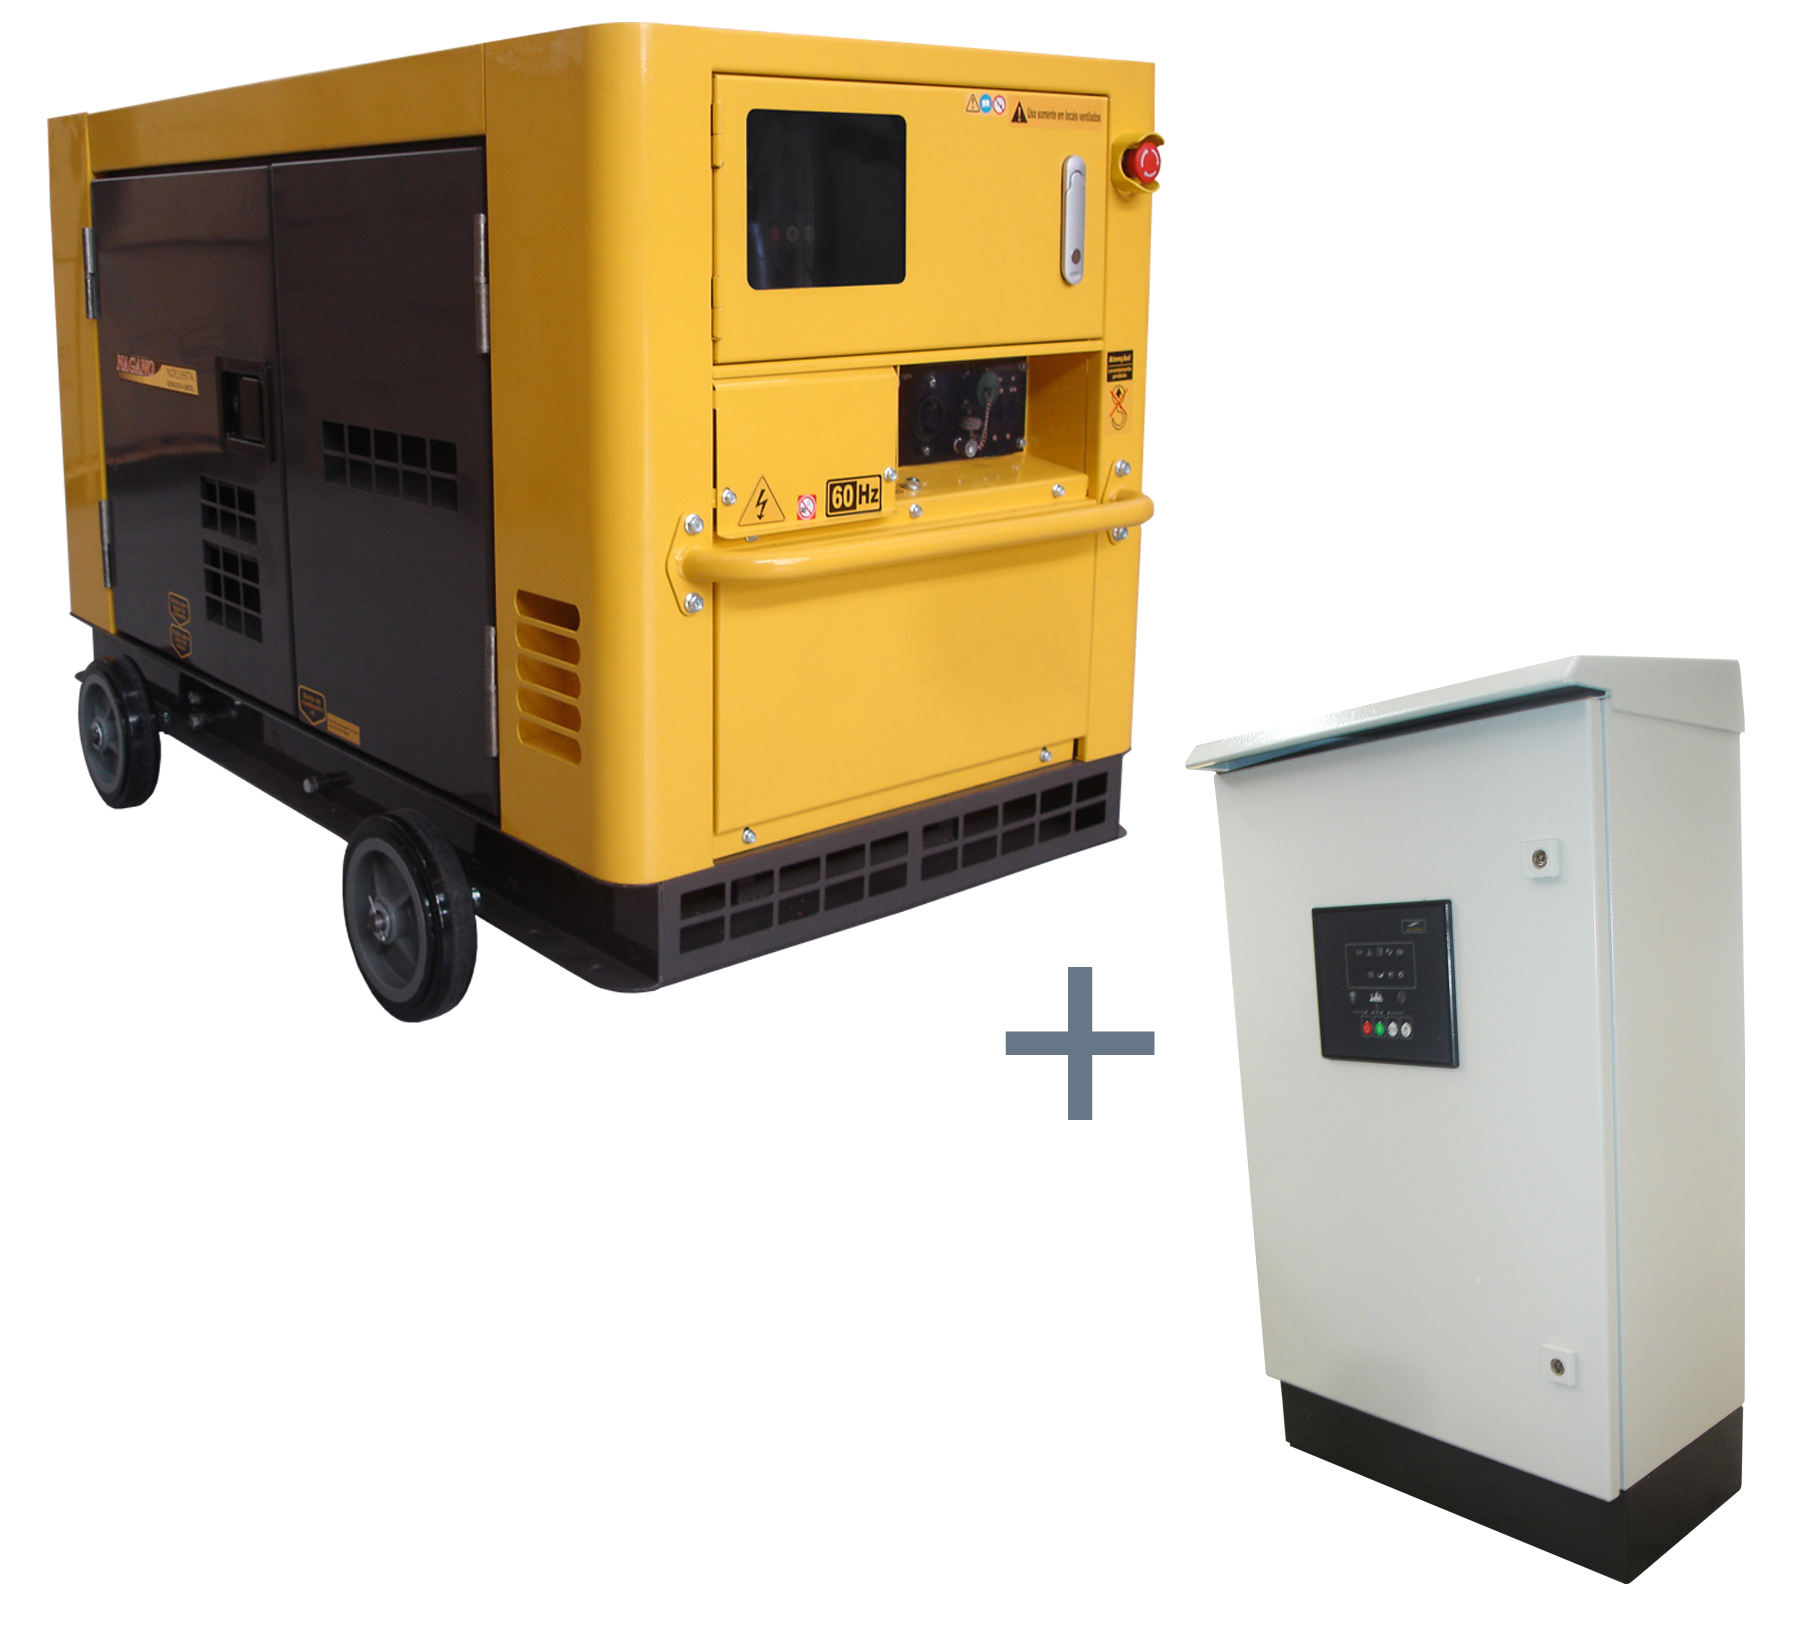 9cead4aba3f 286 - Gerador de energia a Diesel Trifásico 6.0 KVA P. Elétrica Silenciado  - ND7000ES3